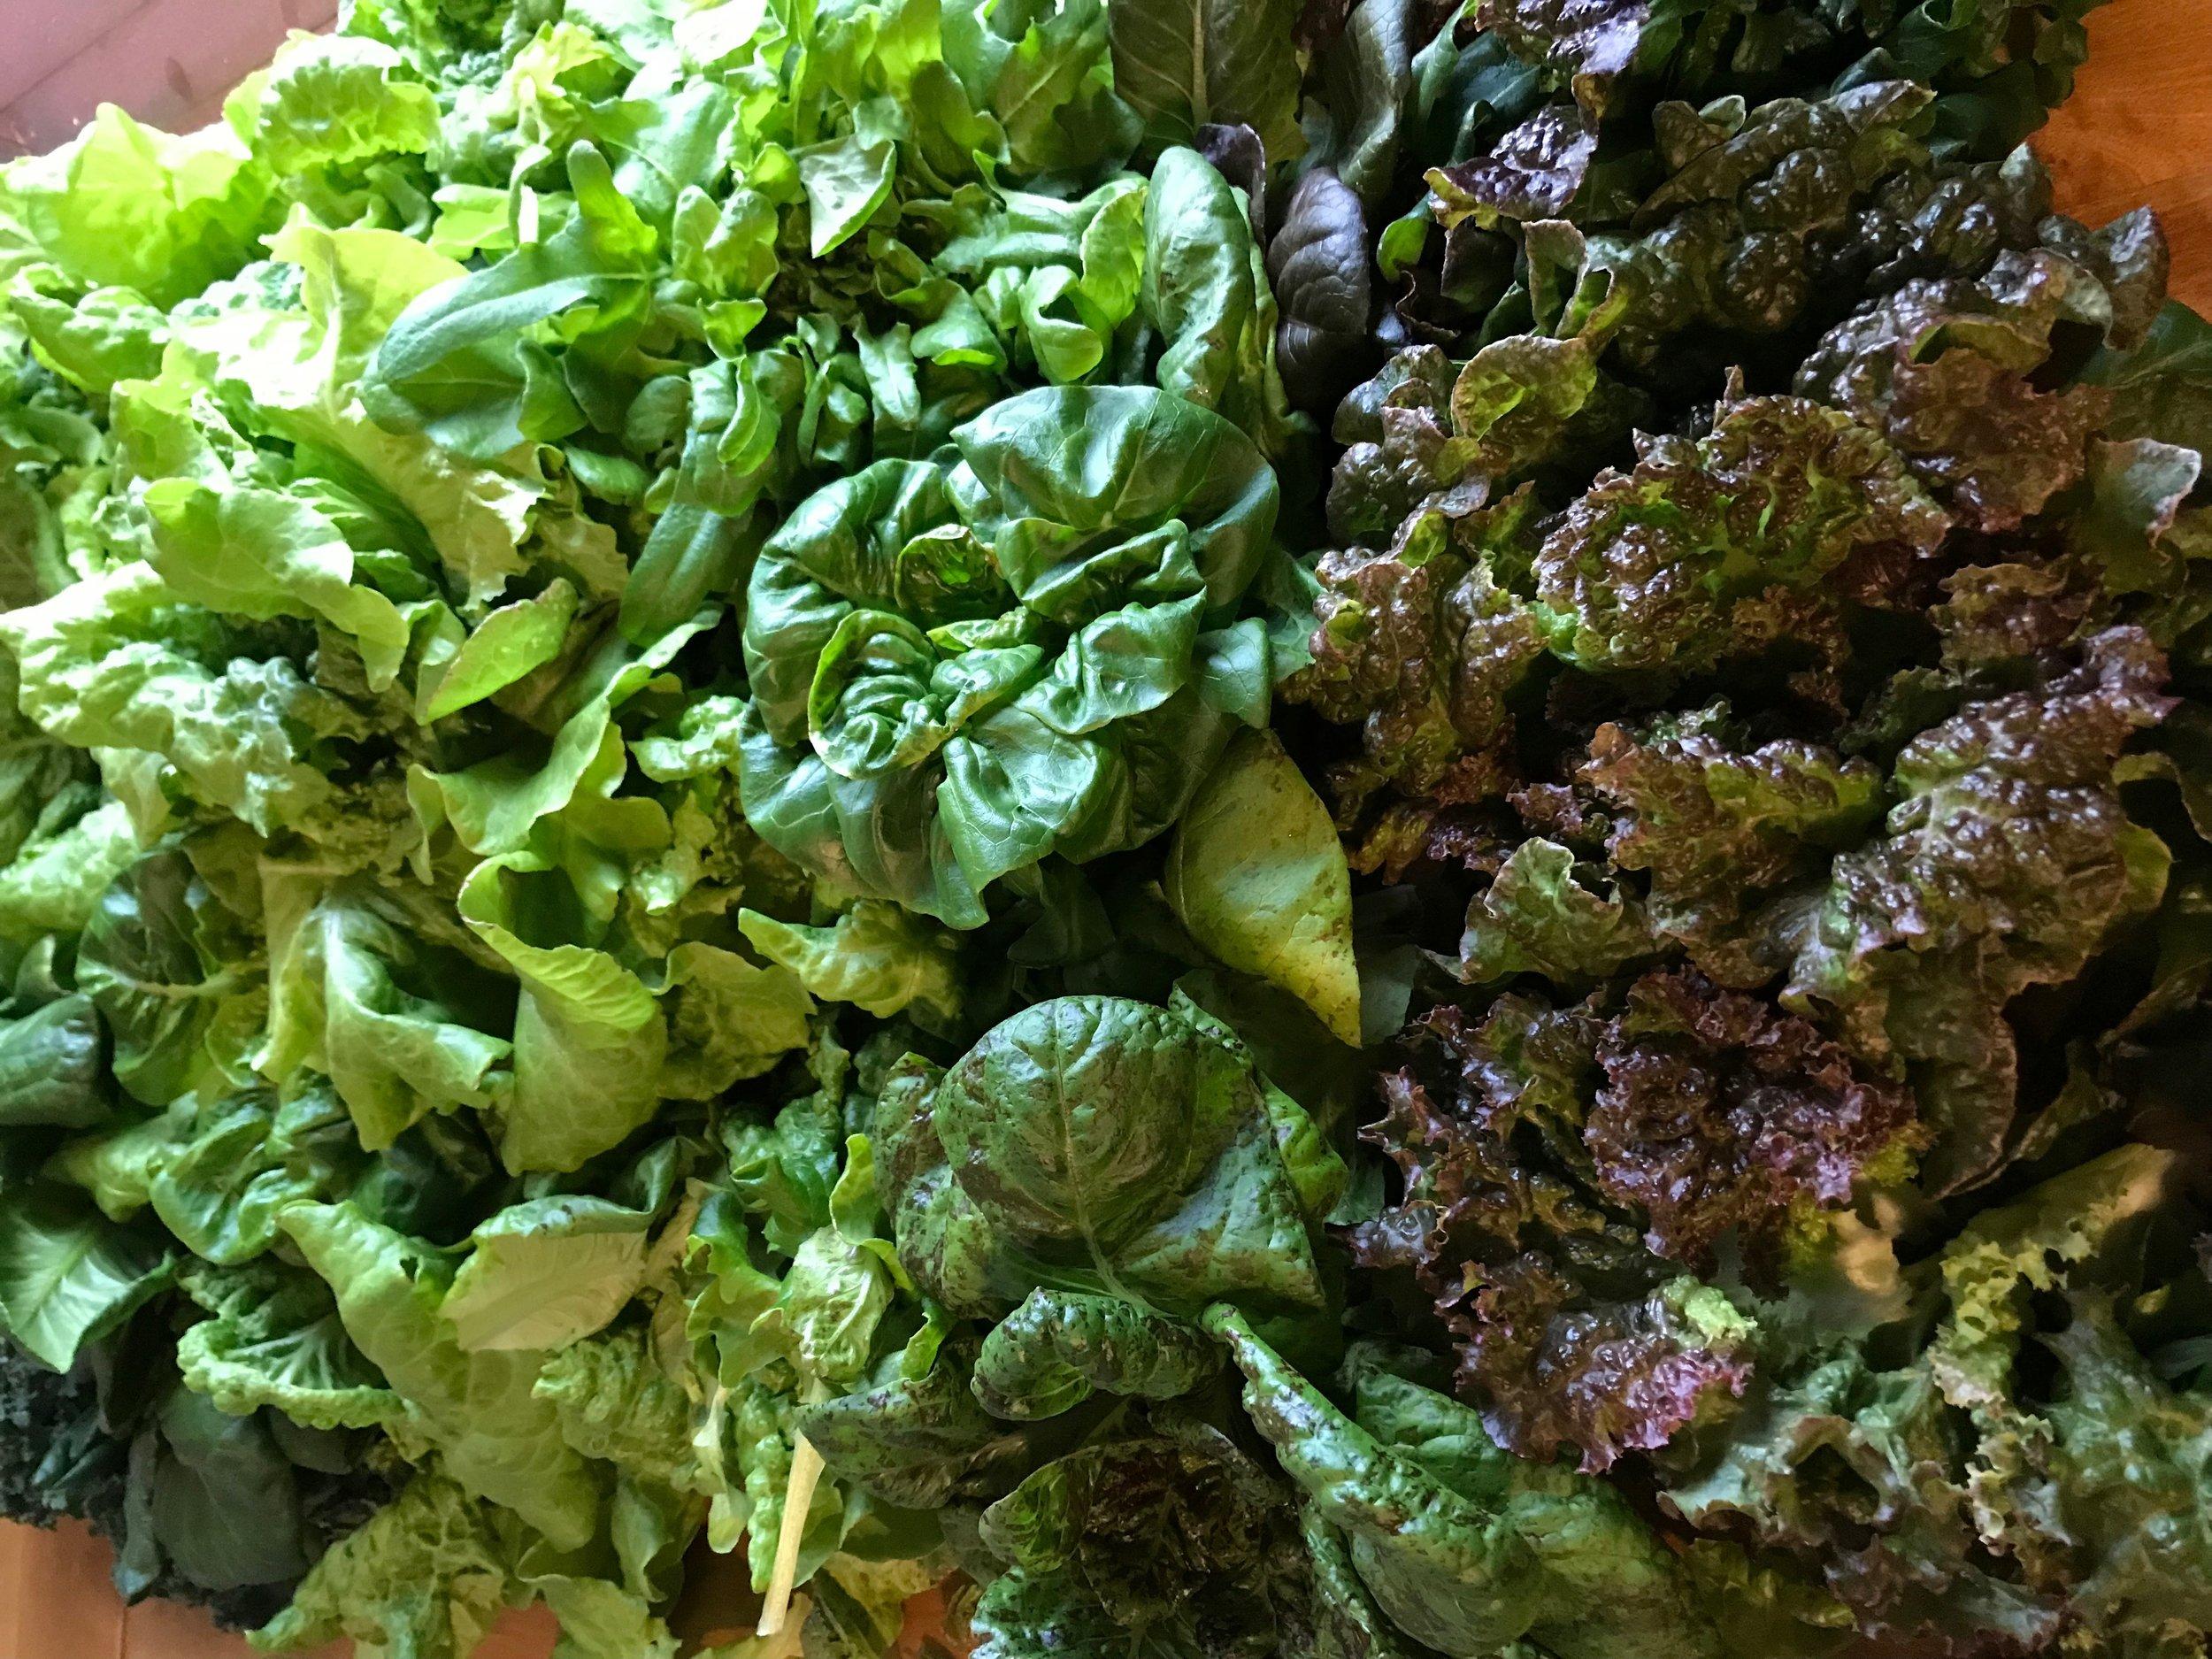 LettuceHarvestFullTray.jpg